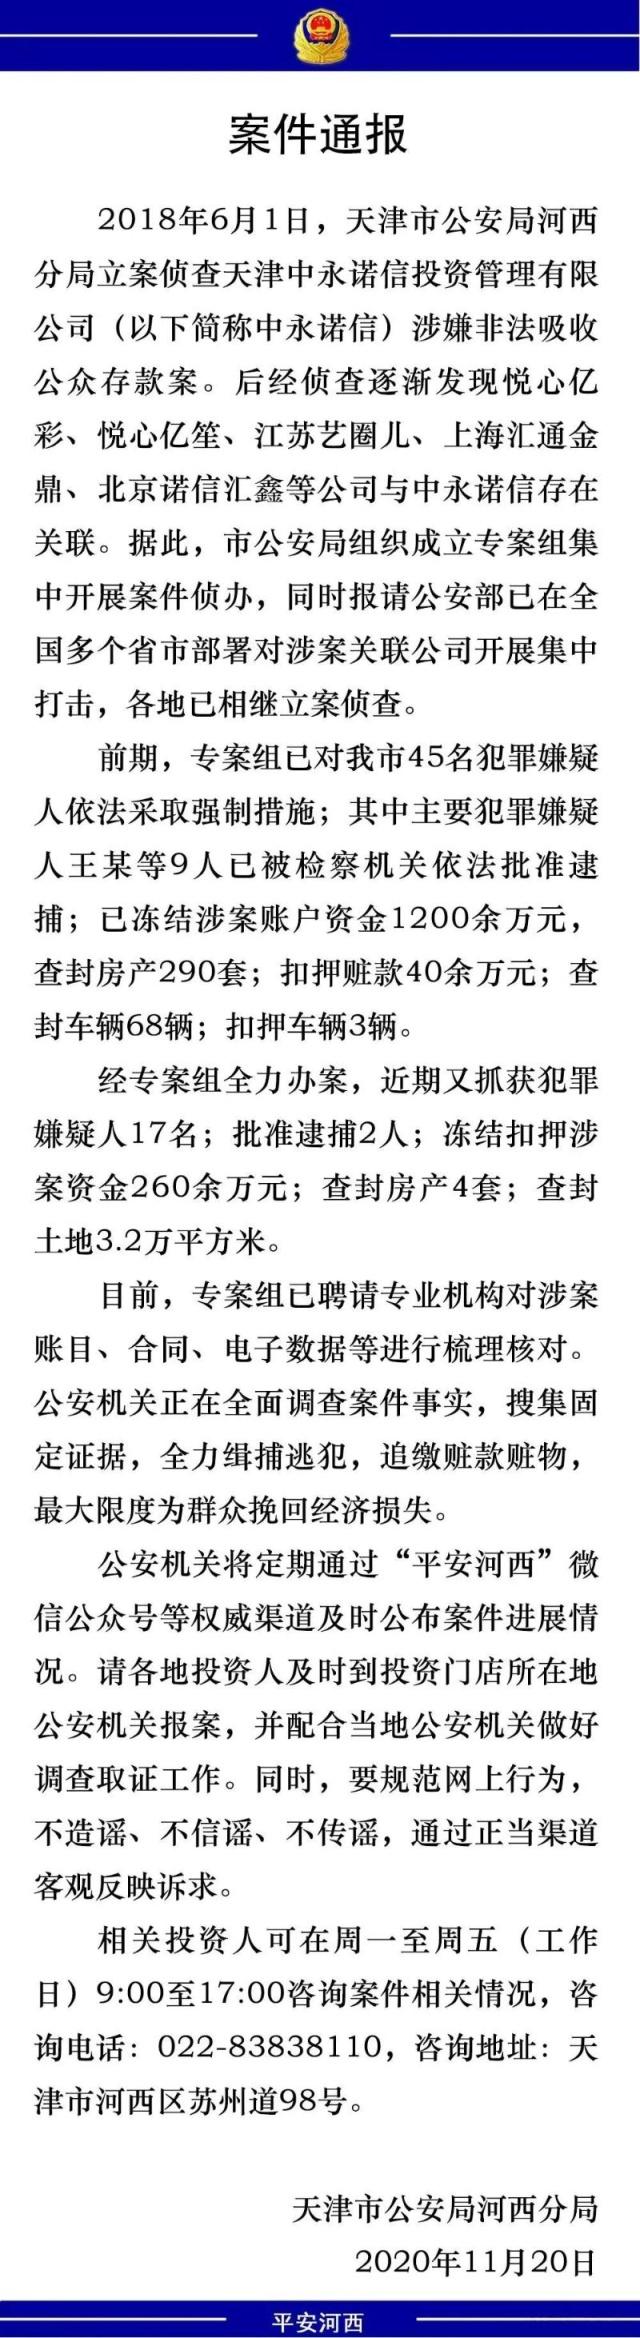 诺信投资涉嫌非吸案目前已抓获62人 各地已相继立案